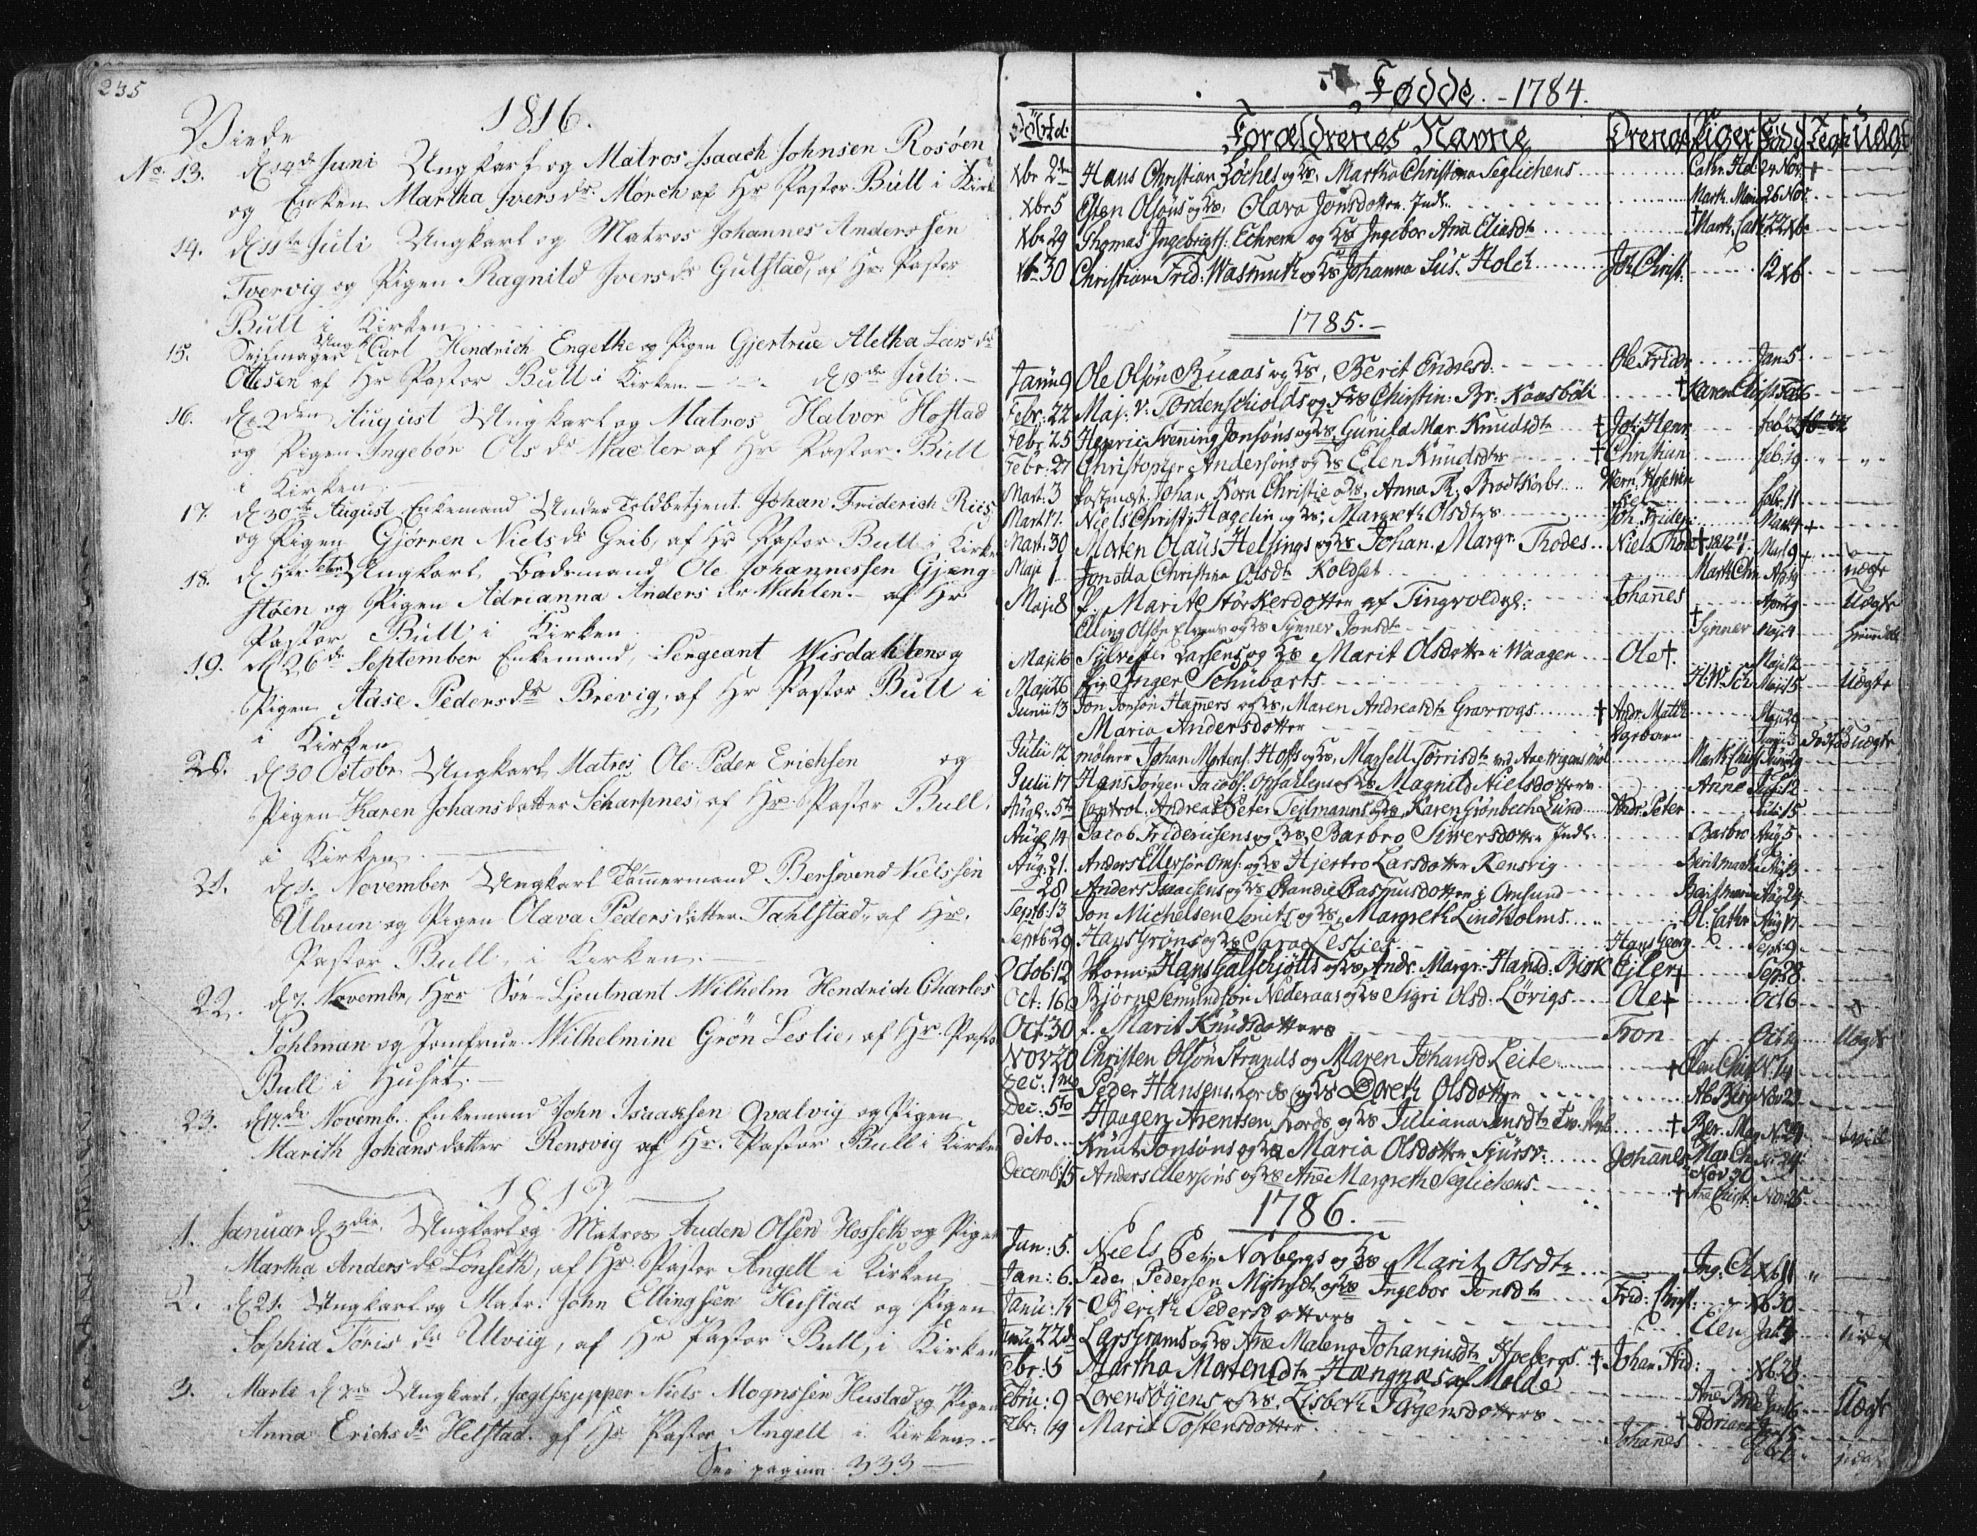 SAT, Ministerialprotokoller, klokkerbøker og fødselsregistre - Møre og Romsdal, 572/L0841: Ministerialbok nr. 572A04, 1784-1819, s. 235